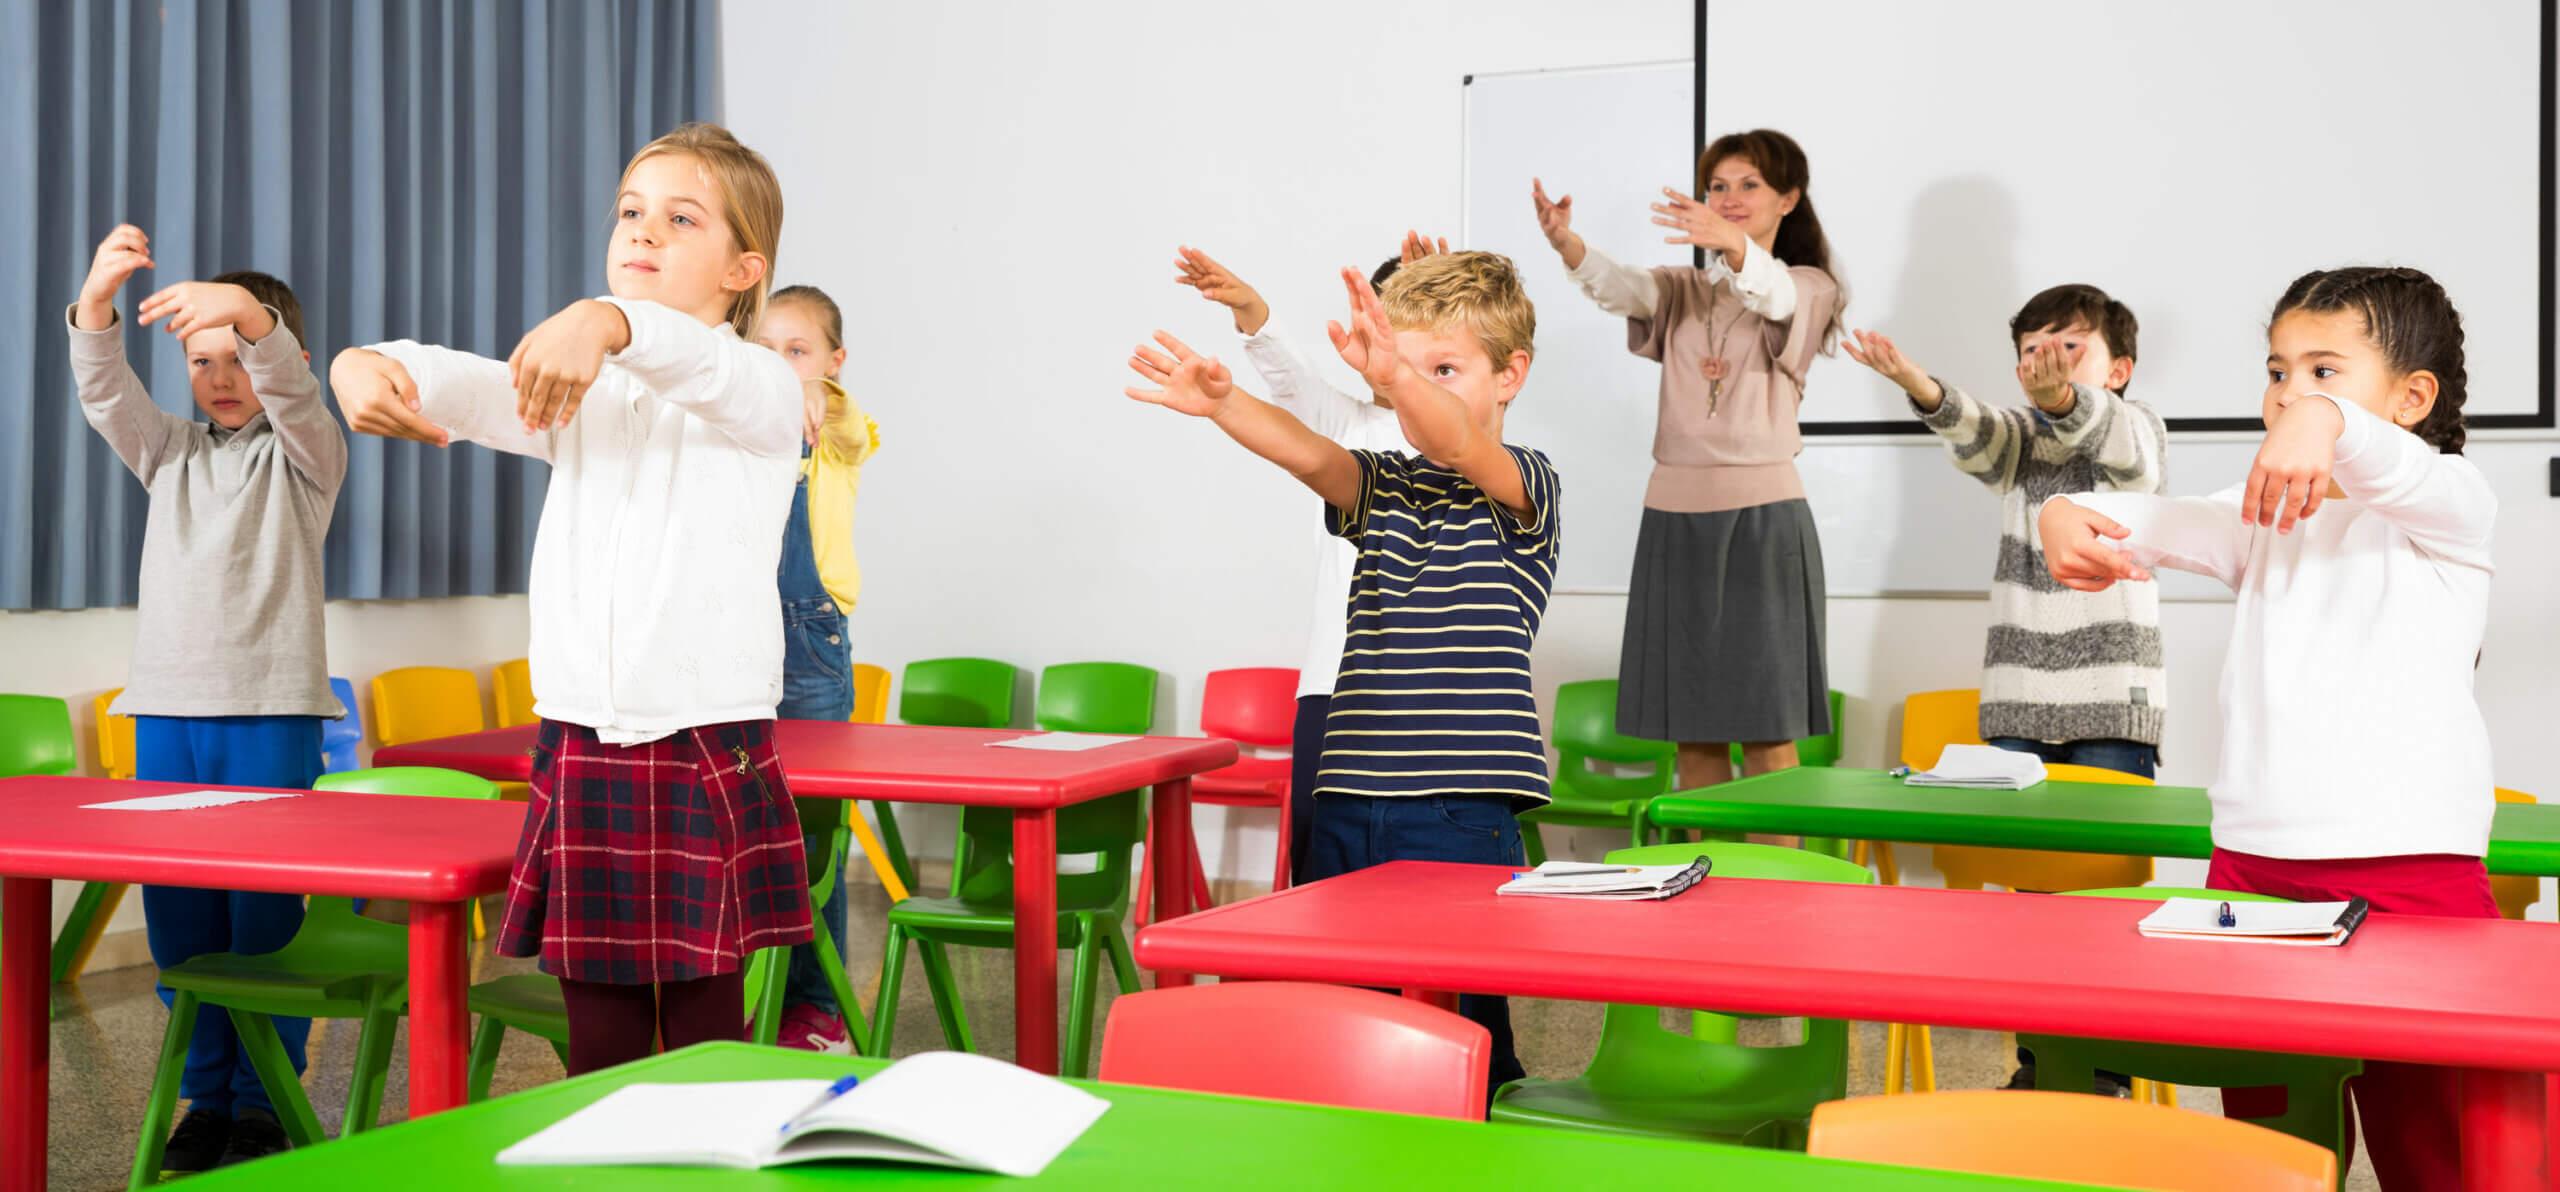 Profesora con sus alumnos en clase durante uno de los descansos activos.